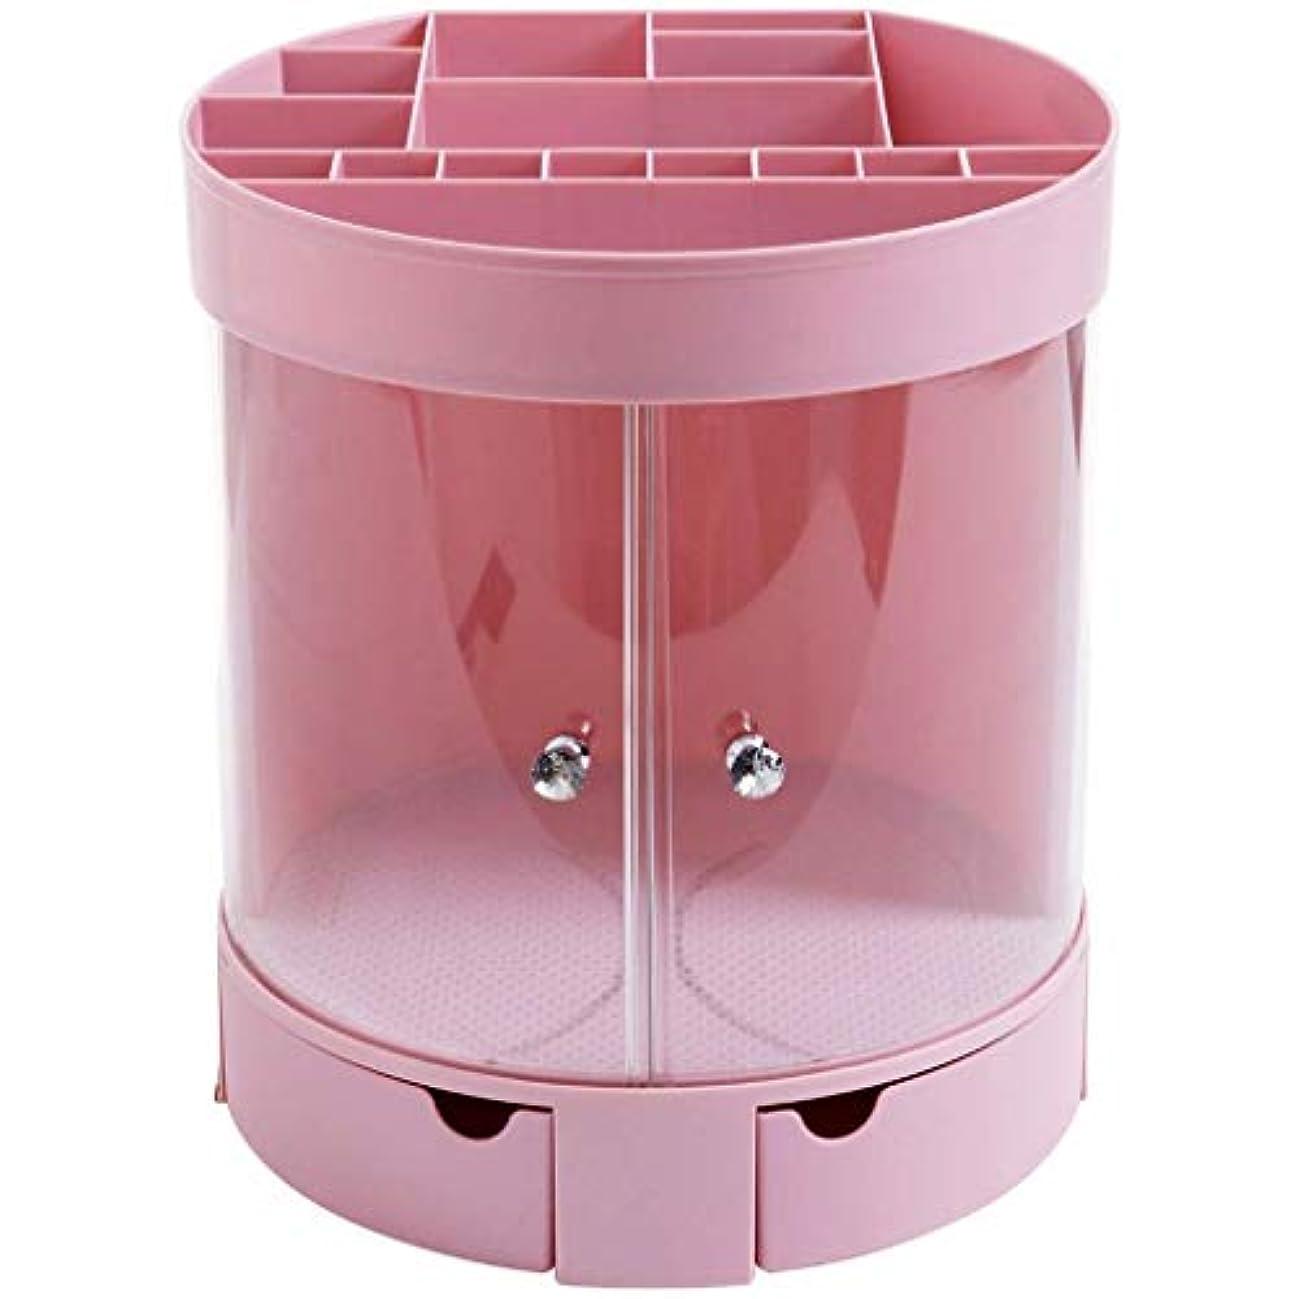 支払う違反する川化粧品収納ボックス化粧オーガナイザーステーションデスクトップ大容量棚ドレッシングテーブル収納ボックステーブルスキンケア収納ラック(色:ピンク)